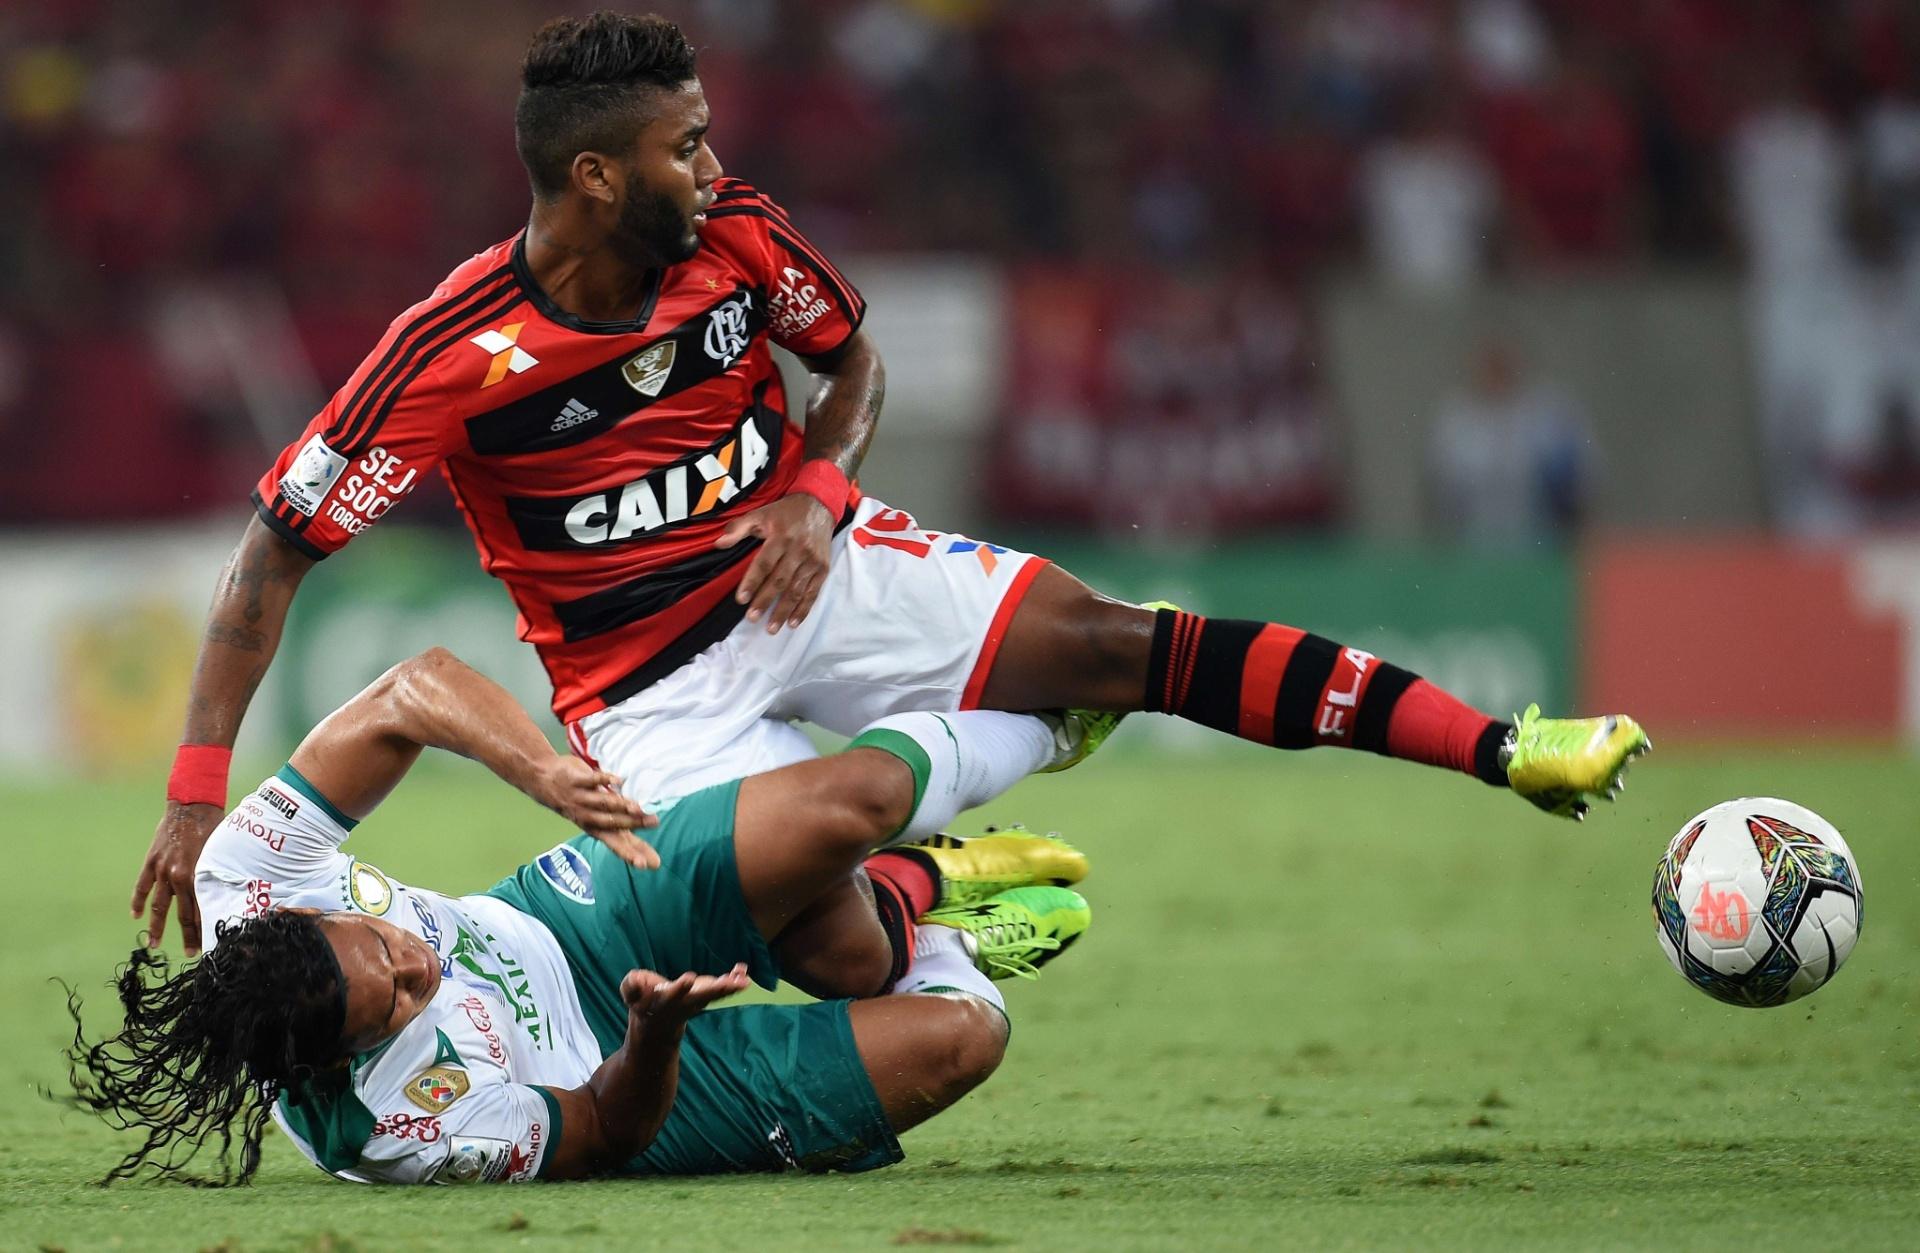 09.04.2014 - Flamengo e León protagonizaram um jogo muito disputado no Maracanã